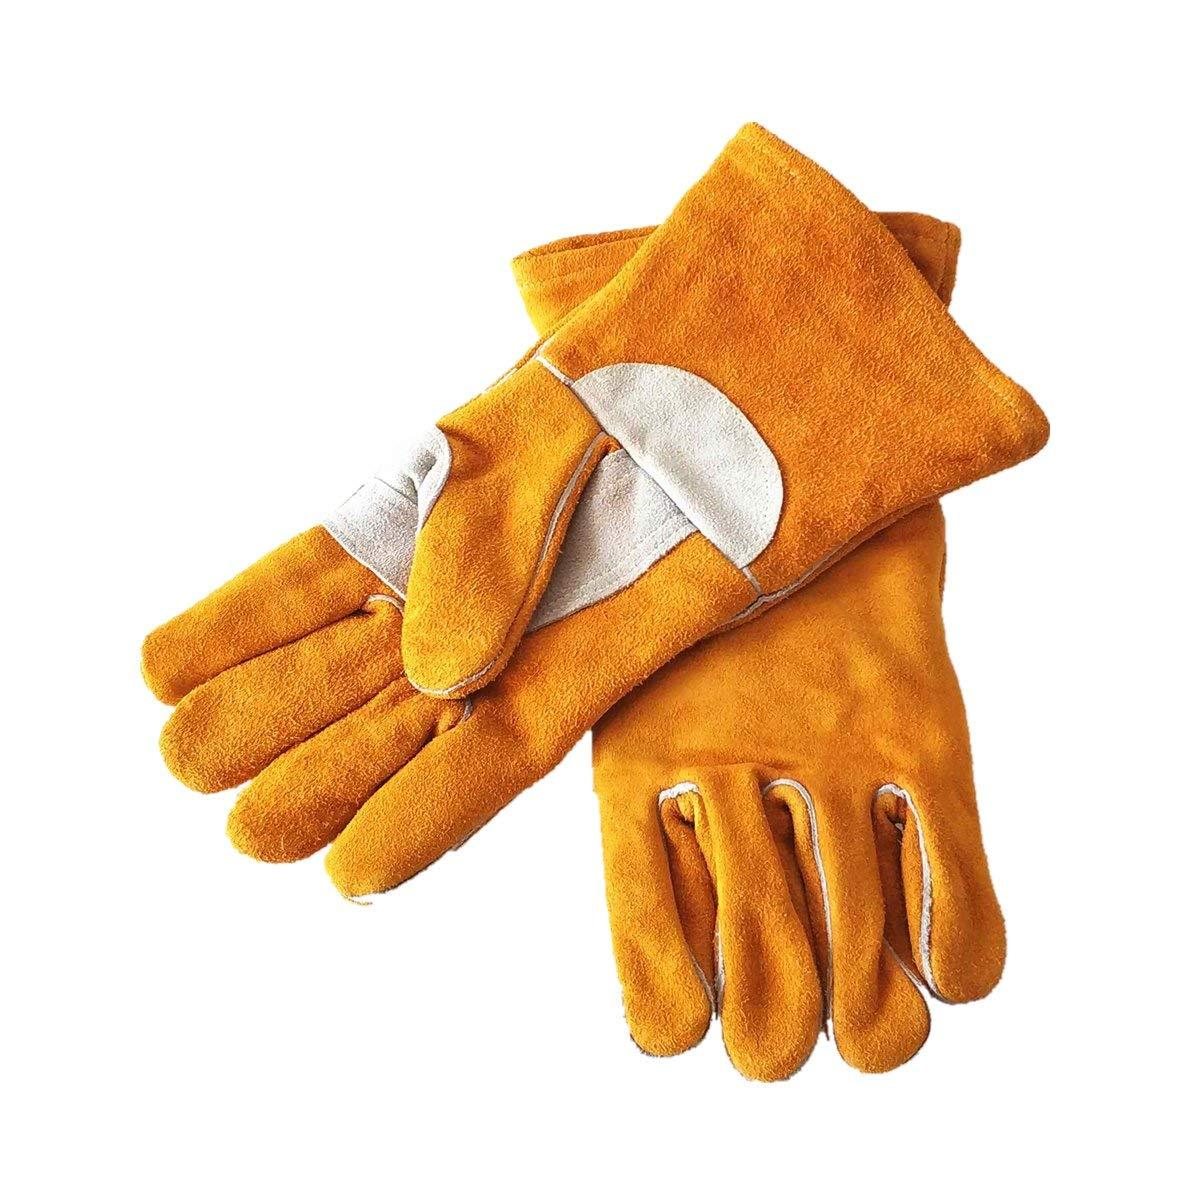 Guantes de soldadura de 35 cm de piel de vaca para soldador de pulgar y palma reforzados con certificado CE Golden MIG/Stick: Amazon.es: Bricolaje y ...